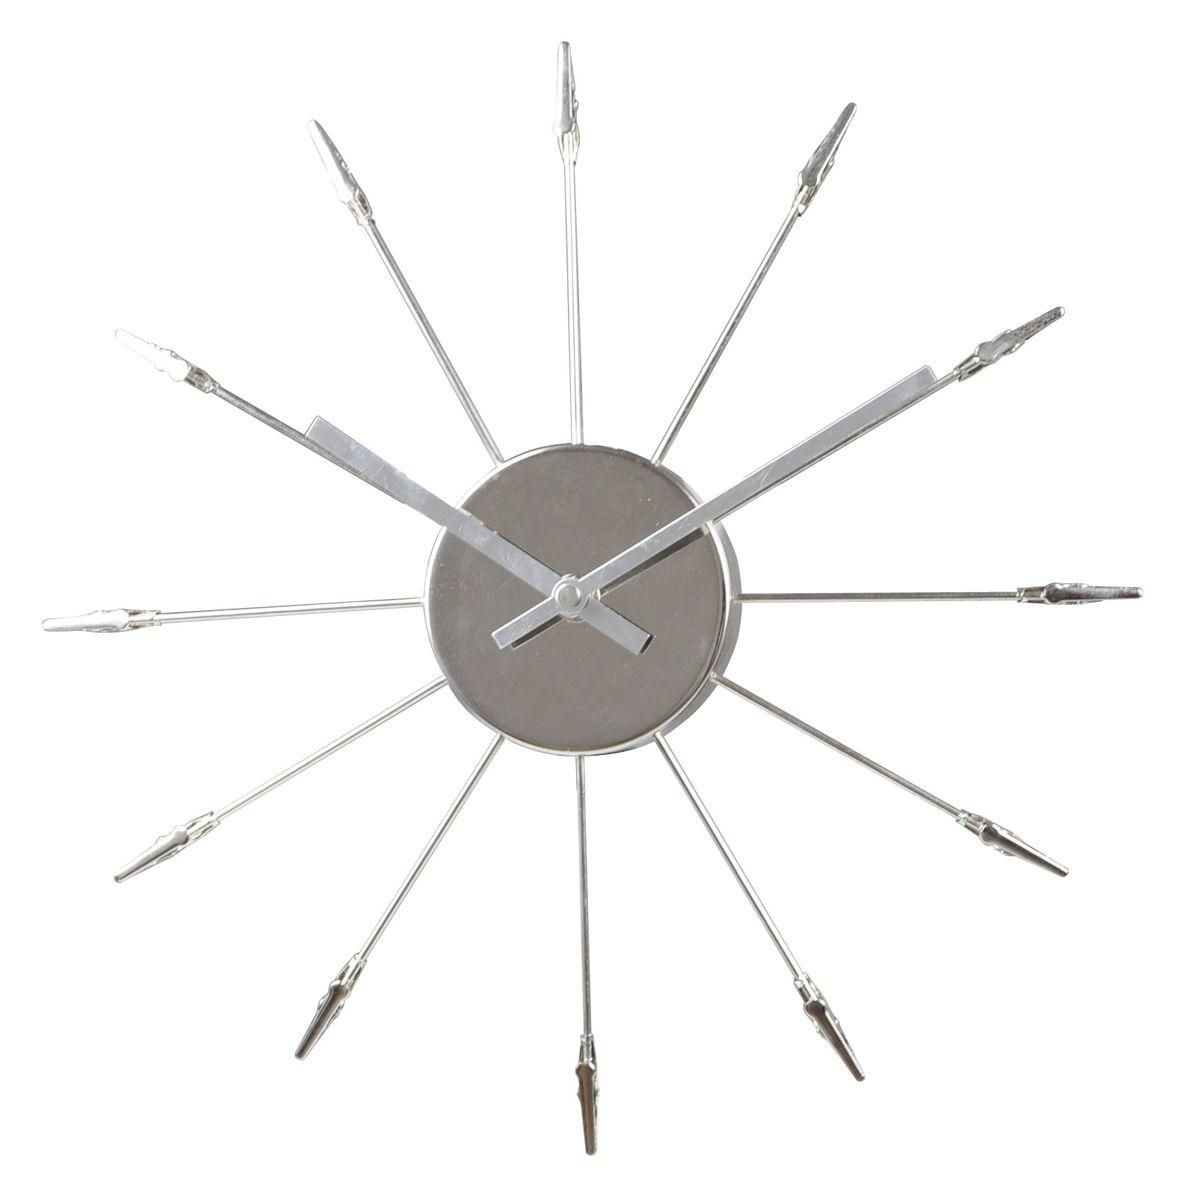 Часы настенные Arte Nuevo. EG7122EG7122Часы настенные Arte Nuevo станут изюминкой в дизайне интерьера вашегодома. Часы имеют две стрелки - часовую и минутную. Часовой механизм сзадизакрыт пластиковым корпусом. Предусмотрено отверстие для крепления настену.